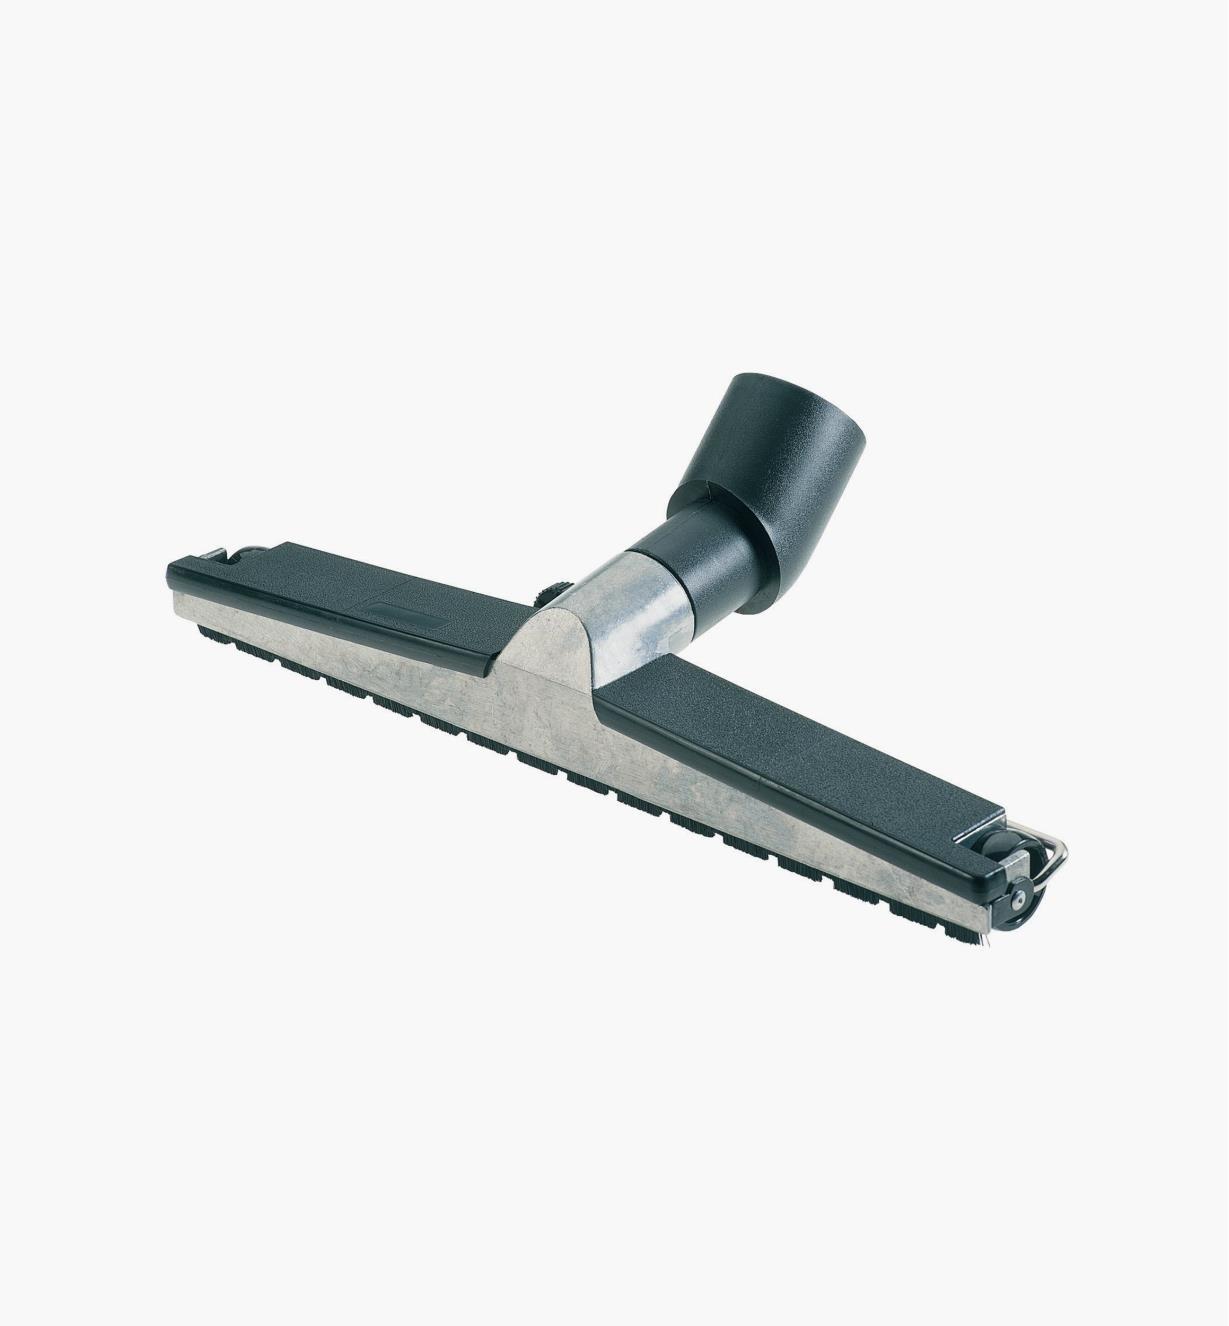 ZA452910 - Large Aluminum Industrial Floor Nozzle